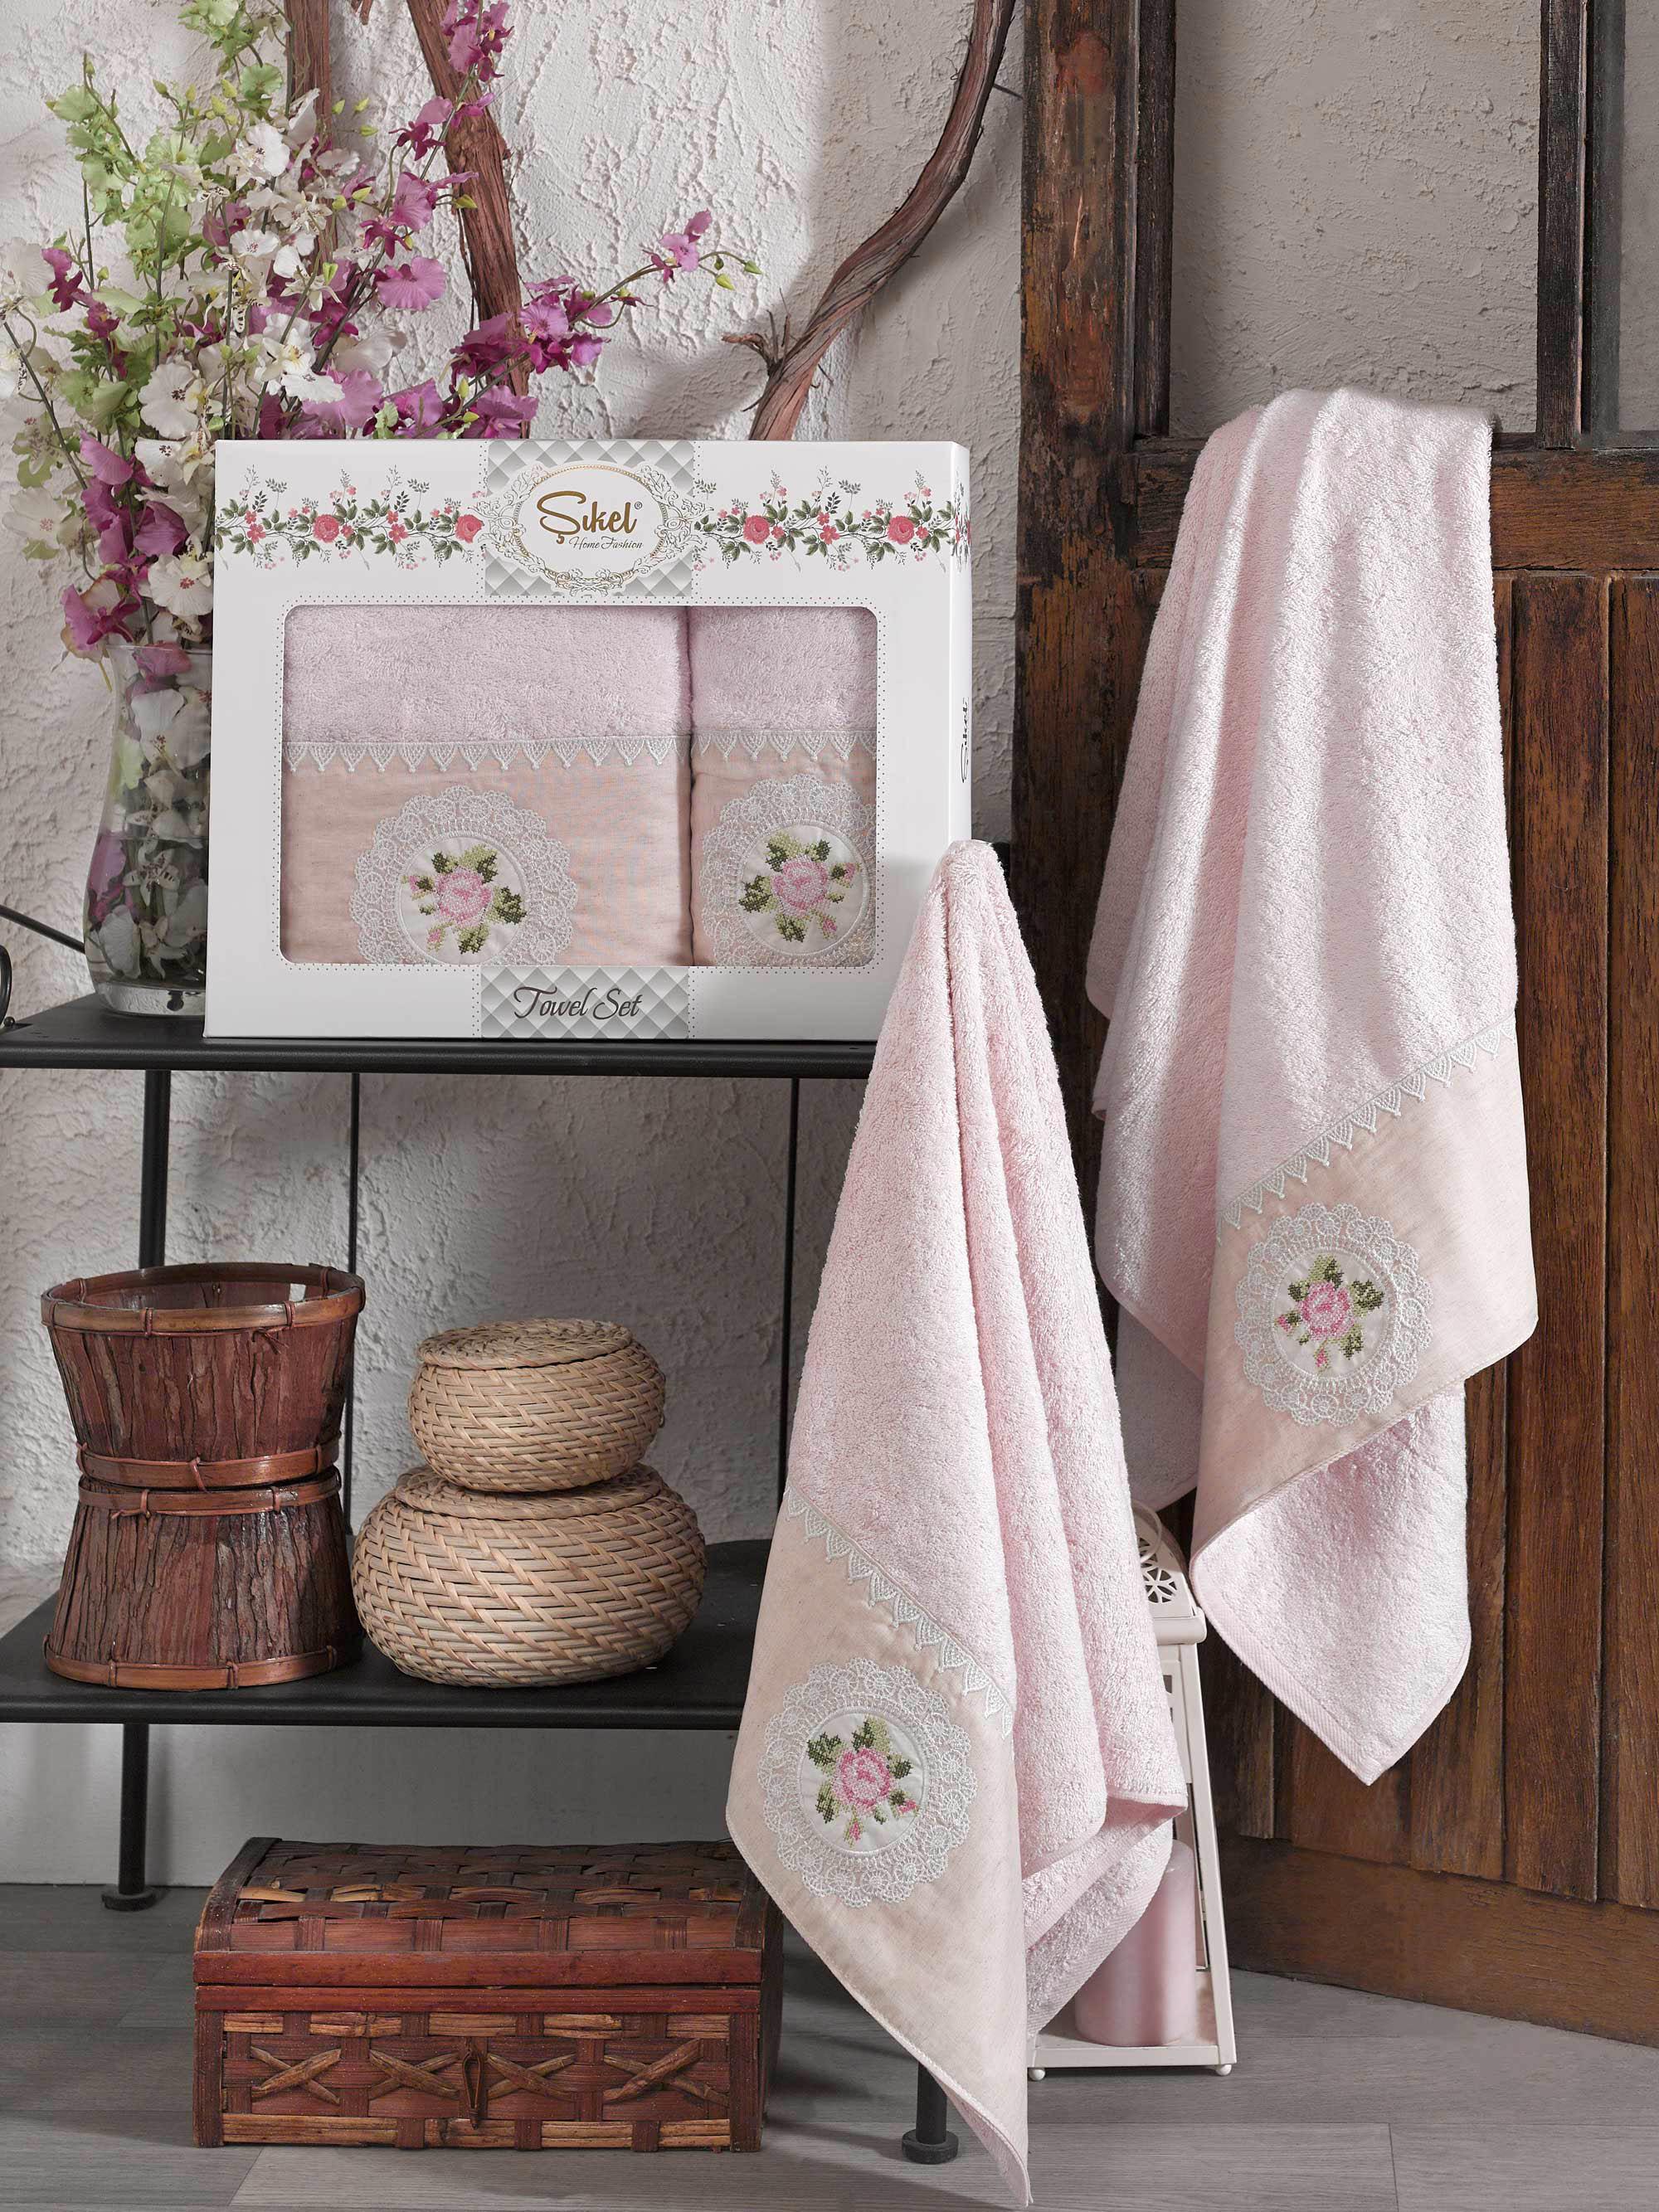 Полотенца Sikel Полотенце Kanevice Цвет: Розовый (50х90 см,70х140 см) полотенца sikel полотенце kanevice цвет пудра 50х90 см 70х140 см